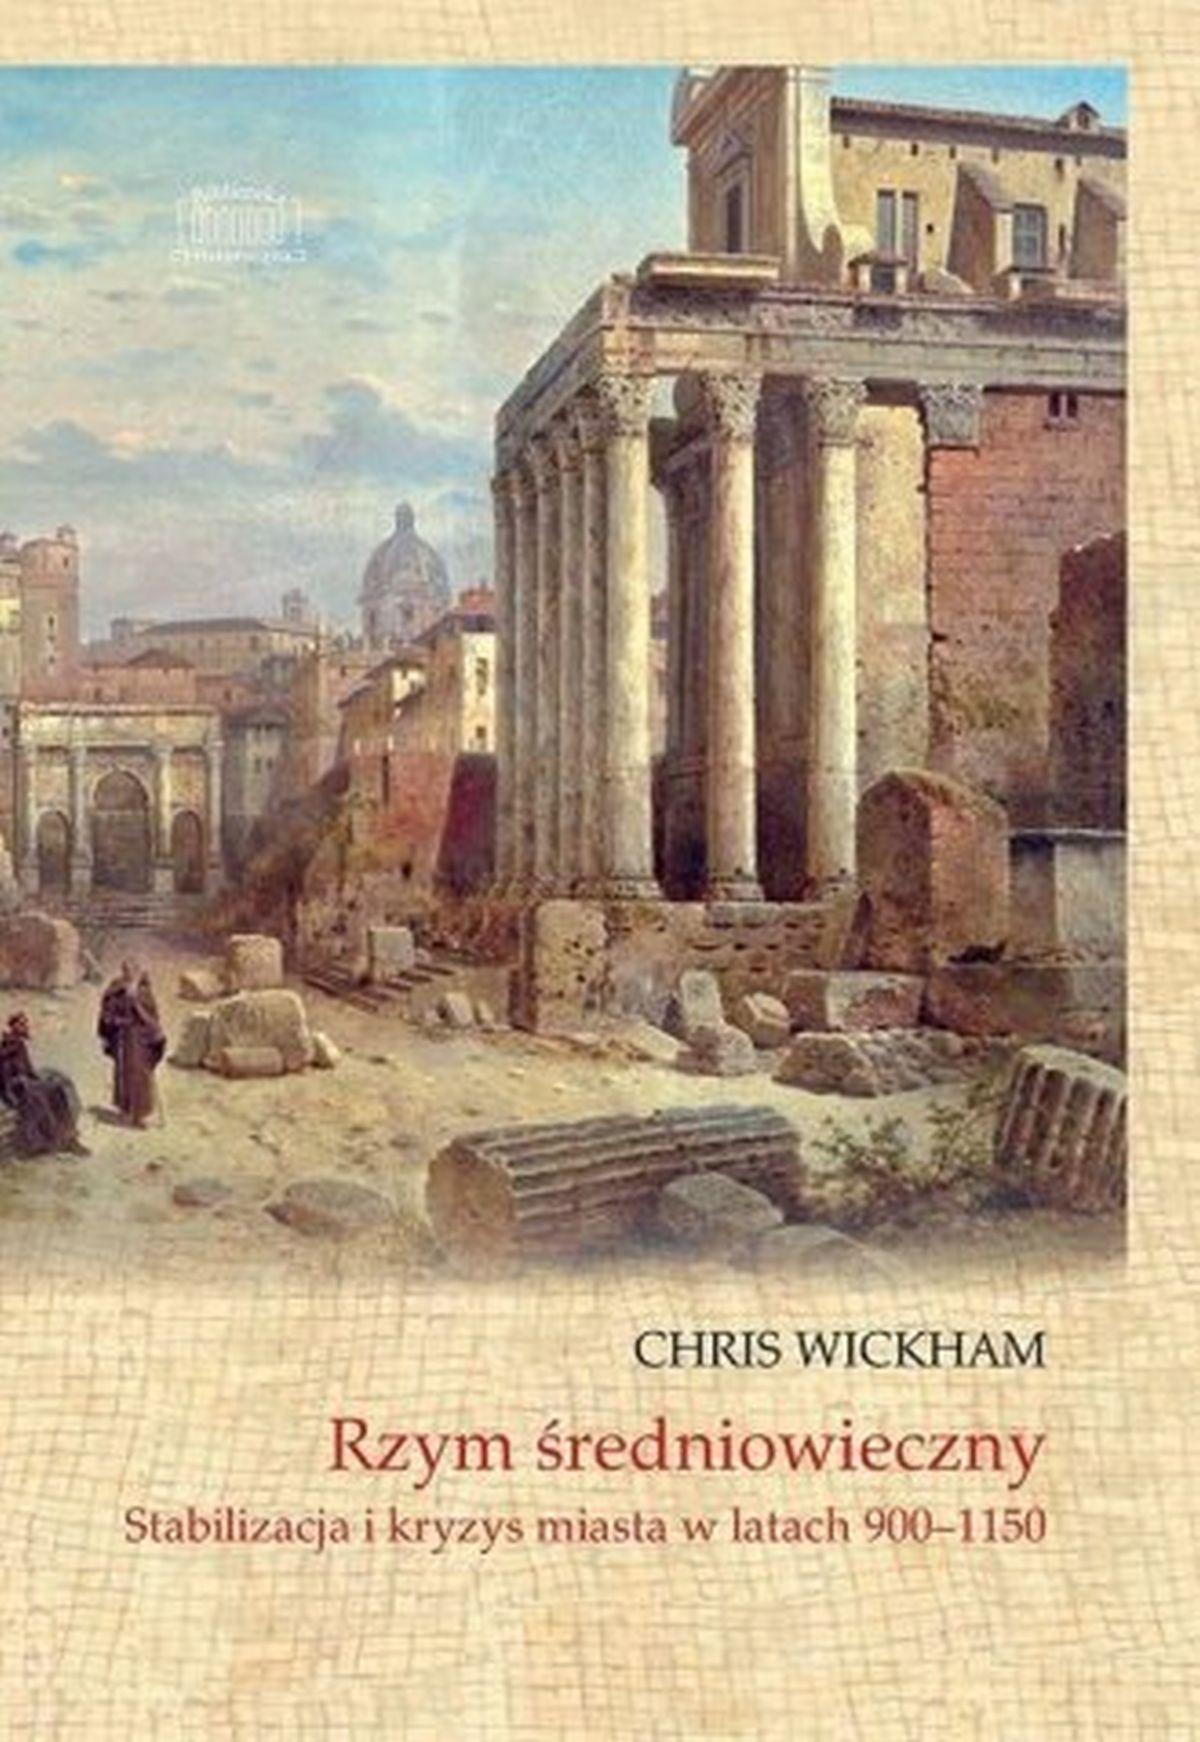 Chris Wickham, Rzym średniowieczny. Stabilizacja i kryzys miasta w latach 900-1150